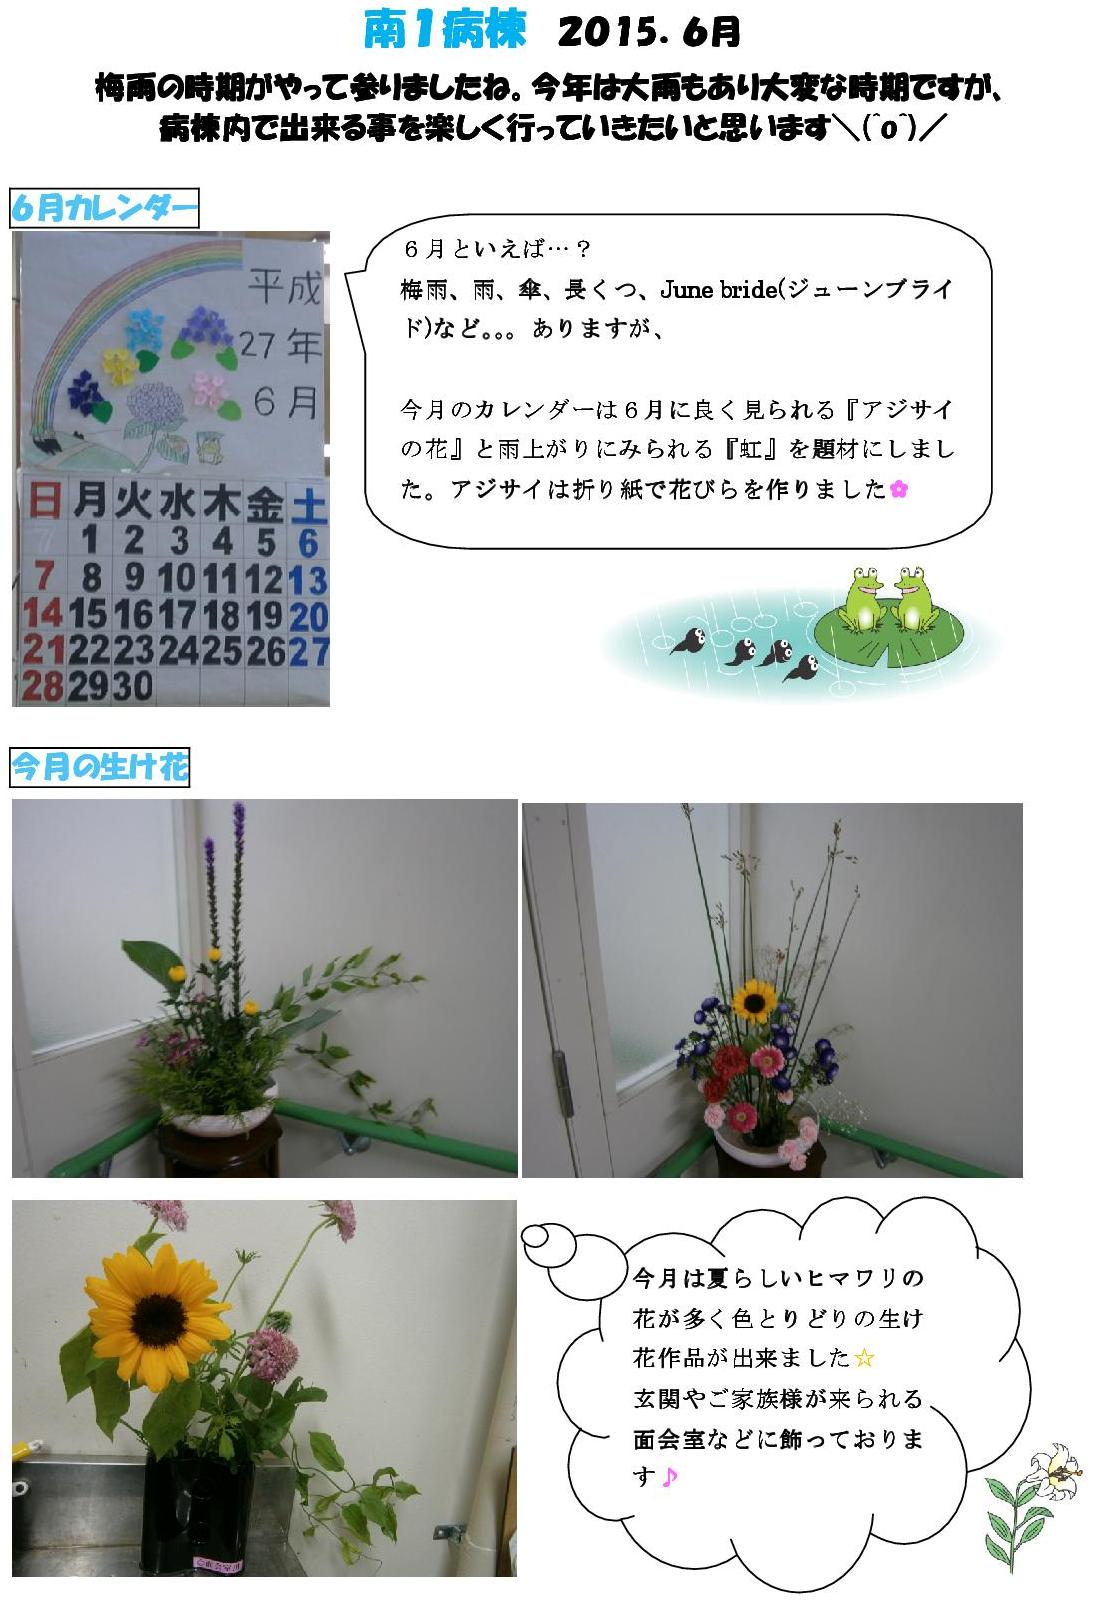 minami1_working_201506